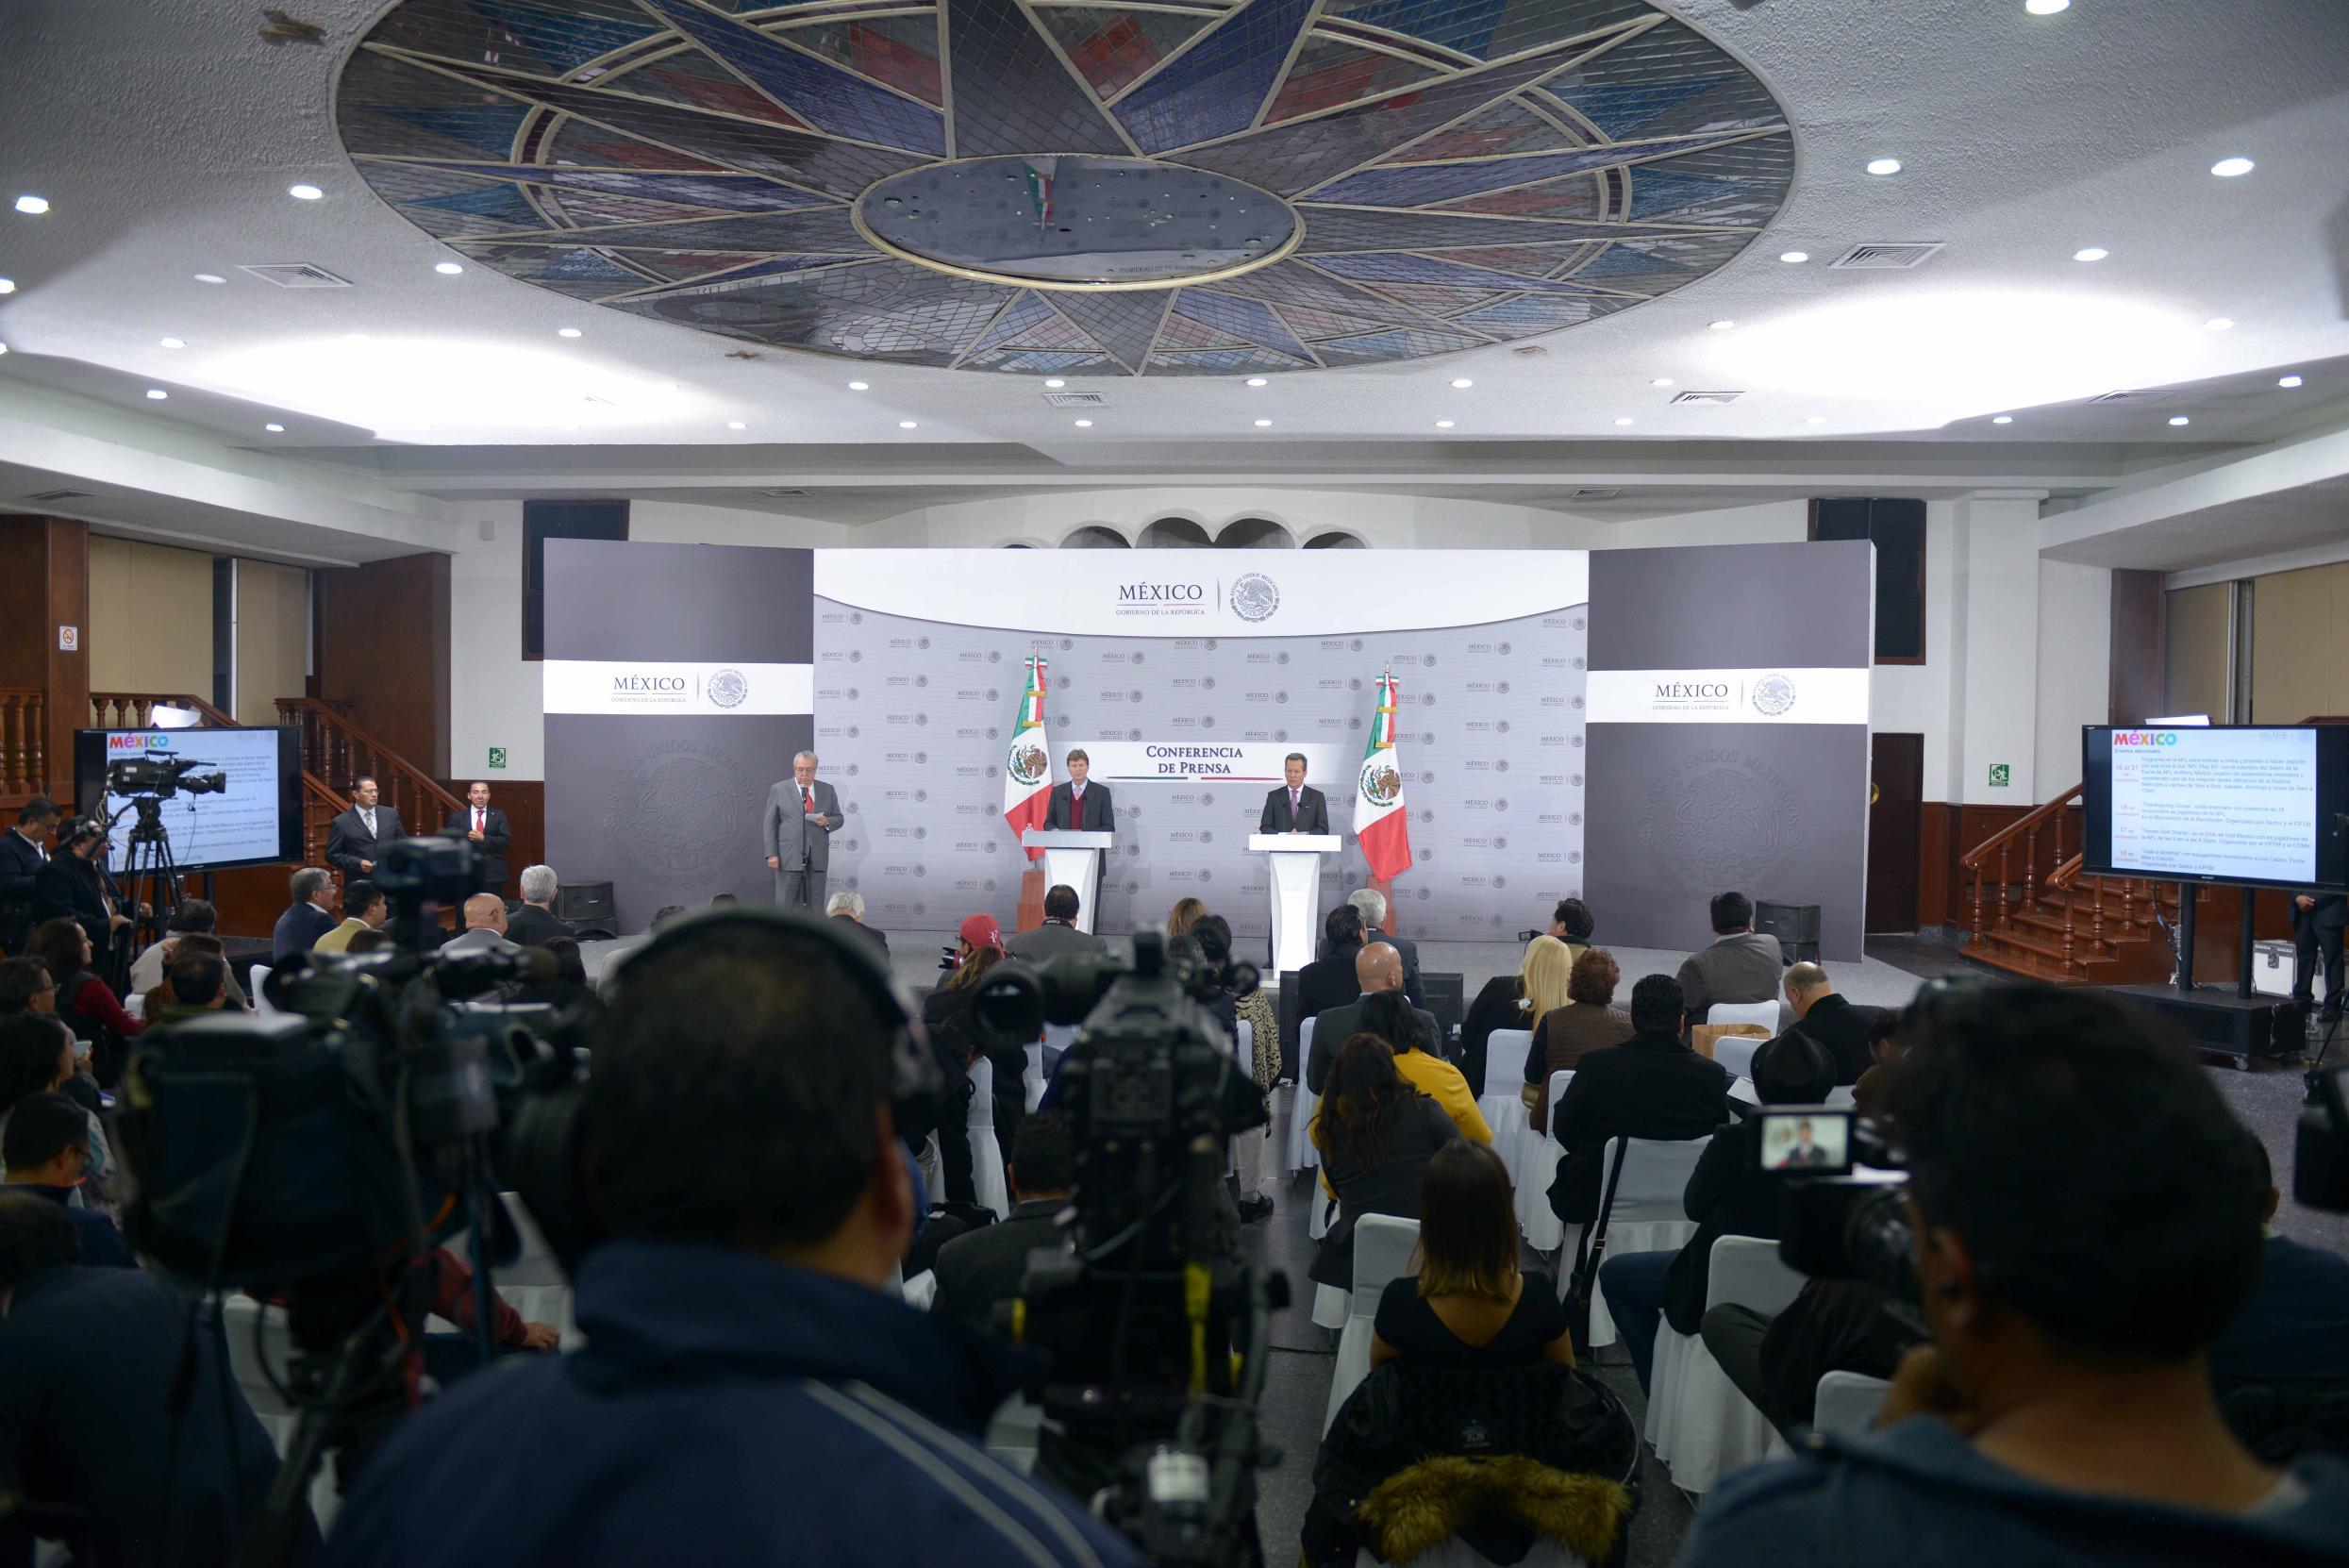 El partido será un escaparate para mostrar nuevamente la gran capacidad de México para atraer y organizar eventos de clase mundial.